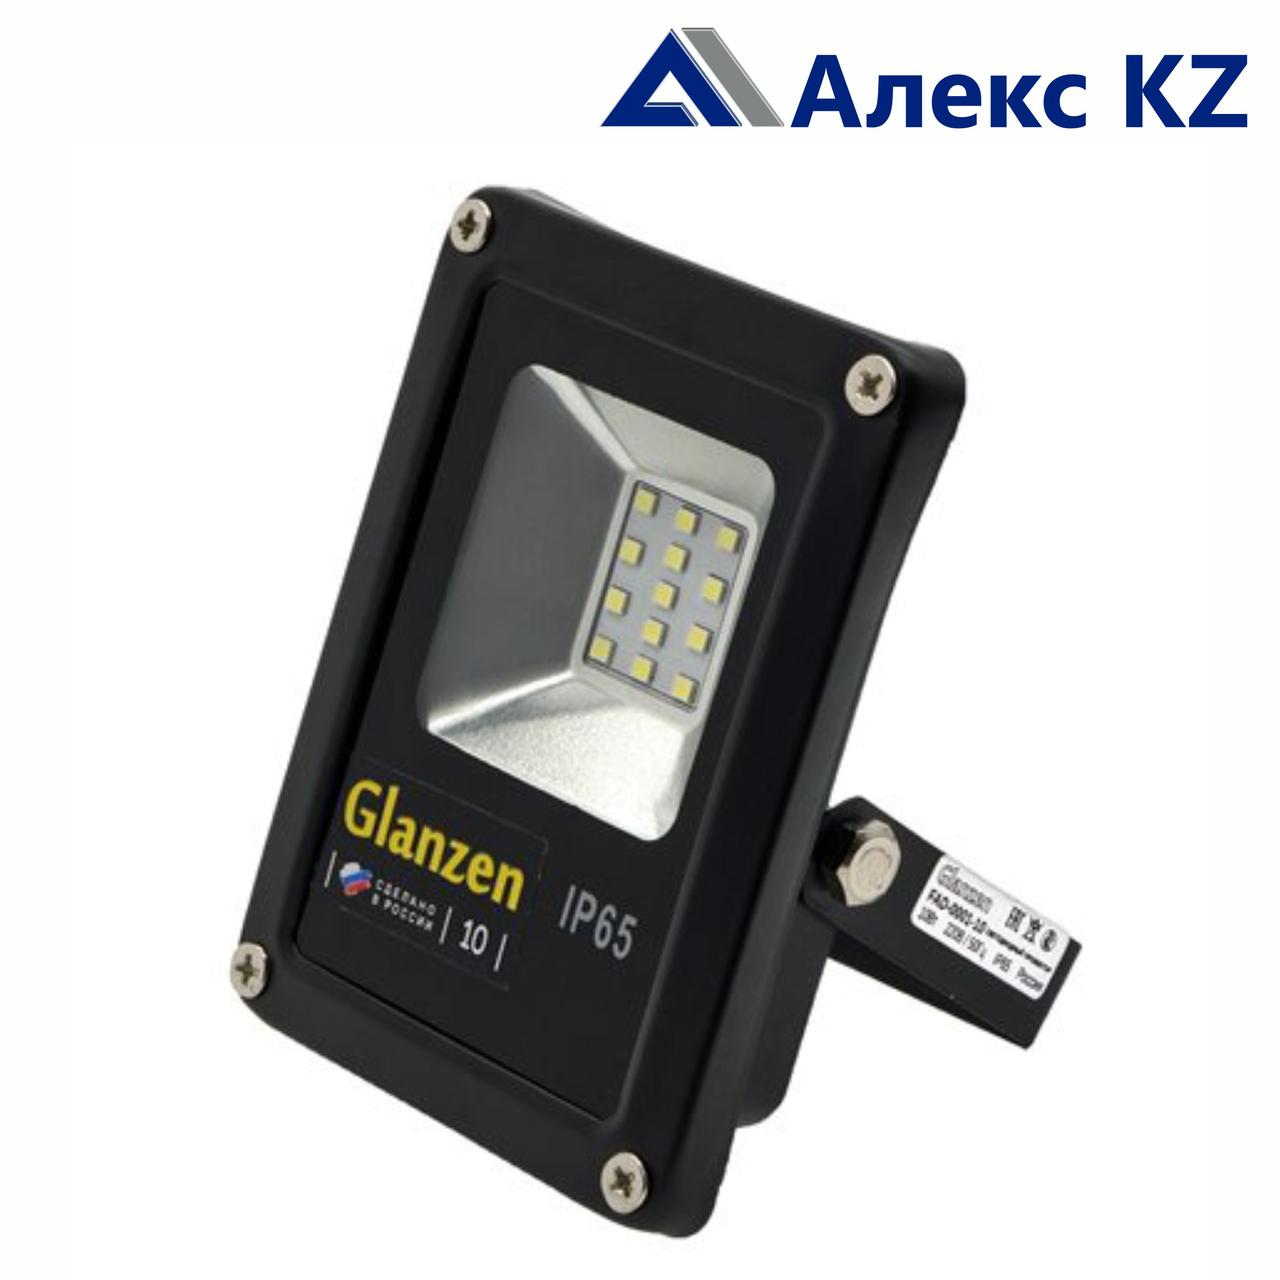 Прожектор светодиодный GLANZEN FAD-0001-10